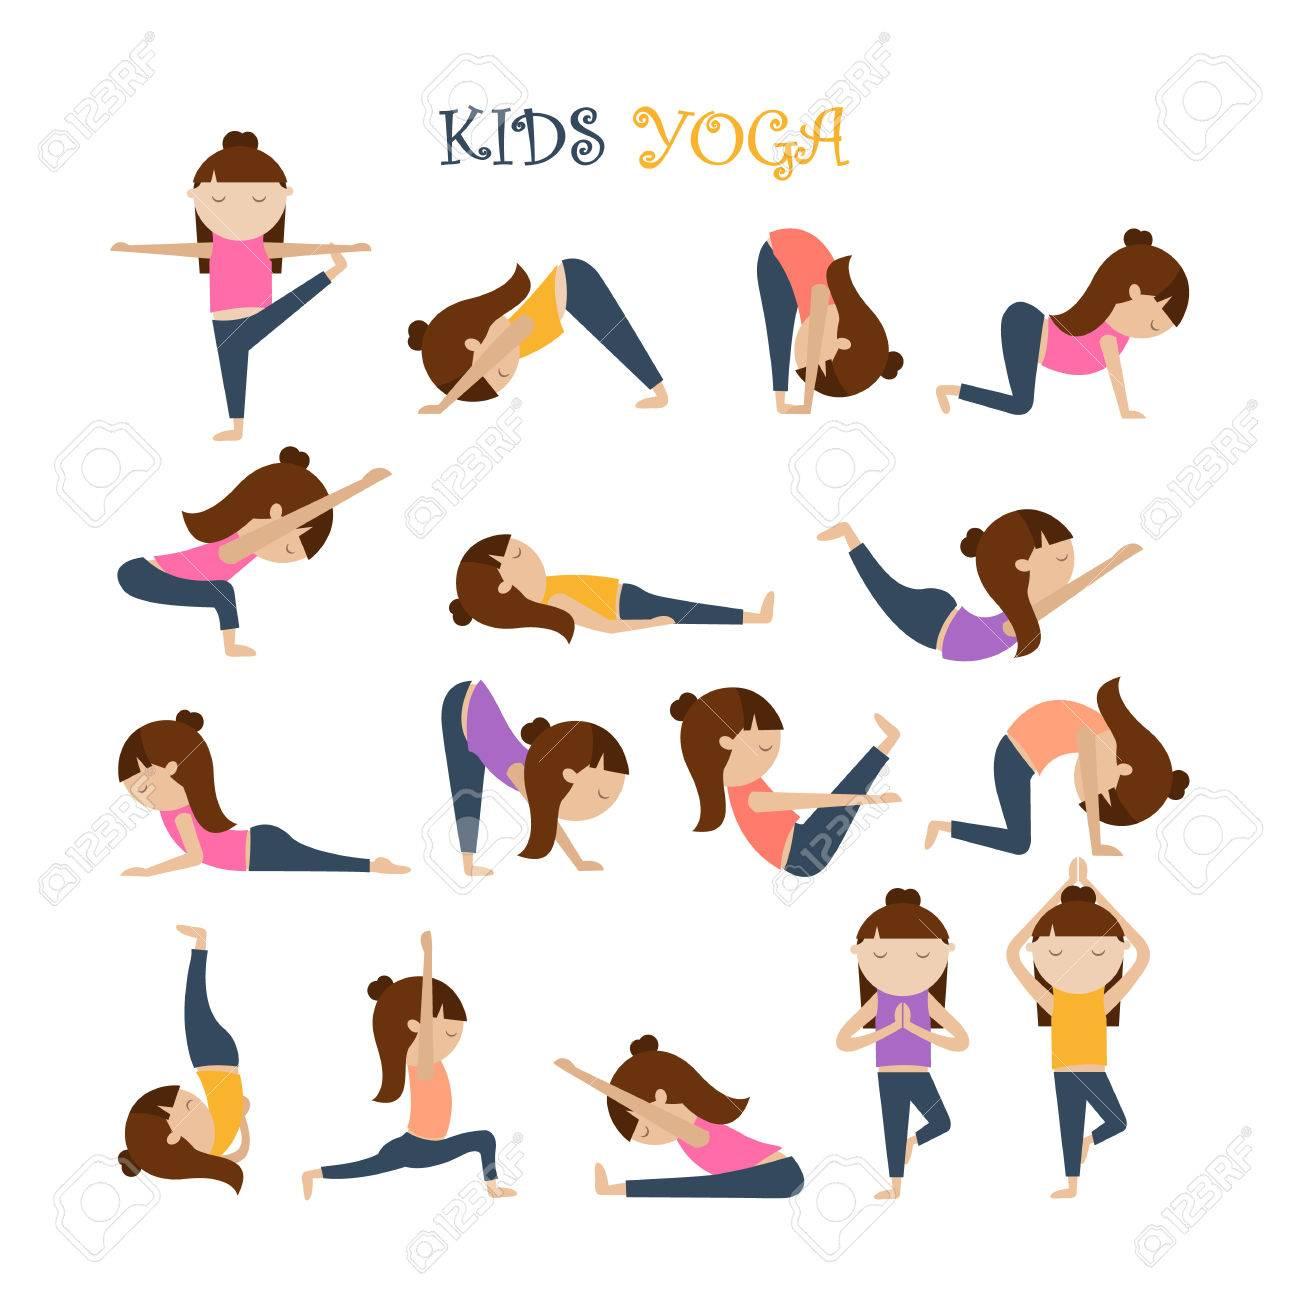 Las Posturas De Yoga Para Ninos Ilustraciones Vectoriales Clip Art Vectorizado Libre De Derechos Image 74746098